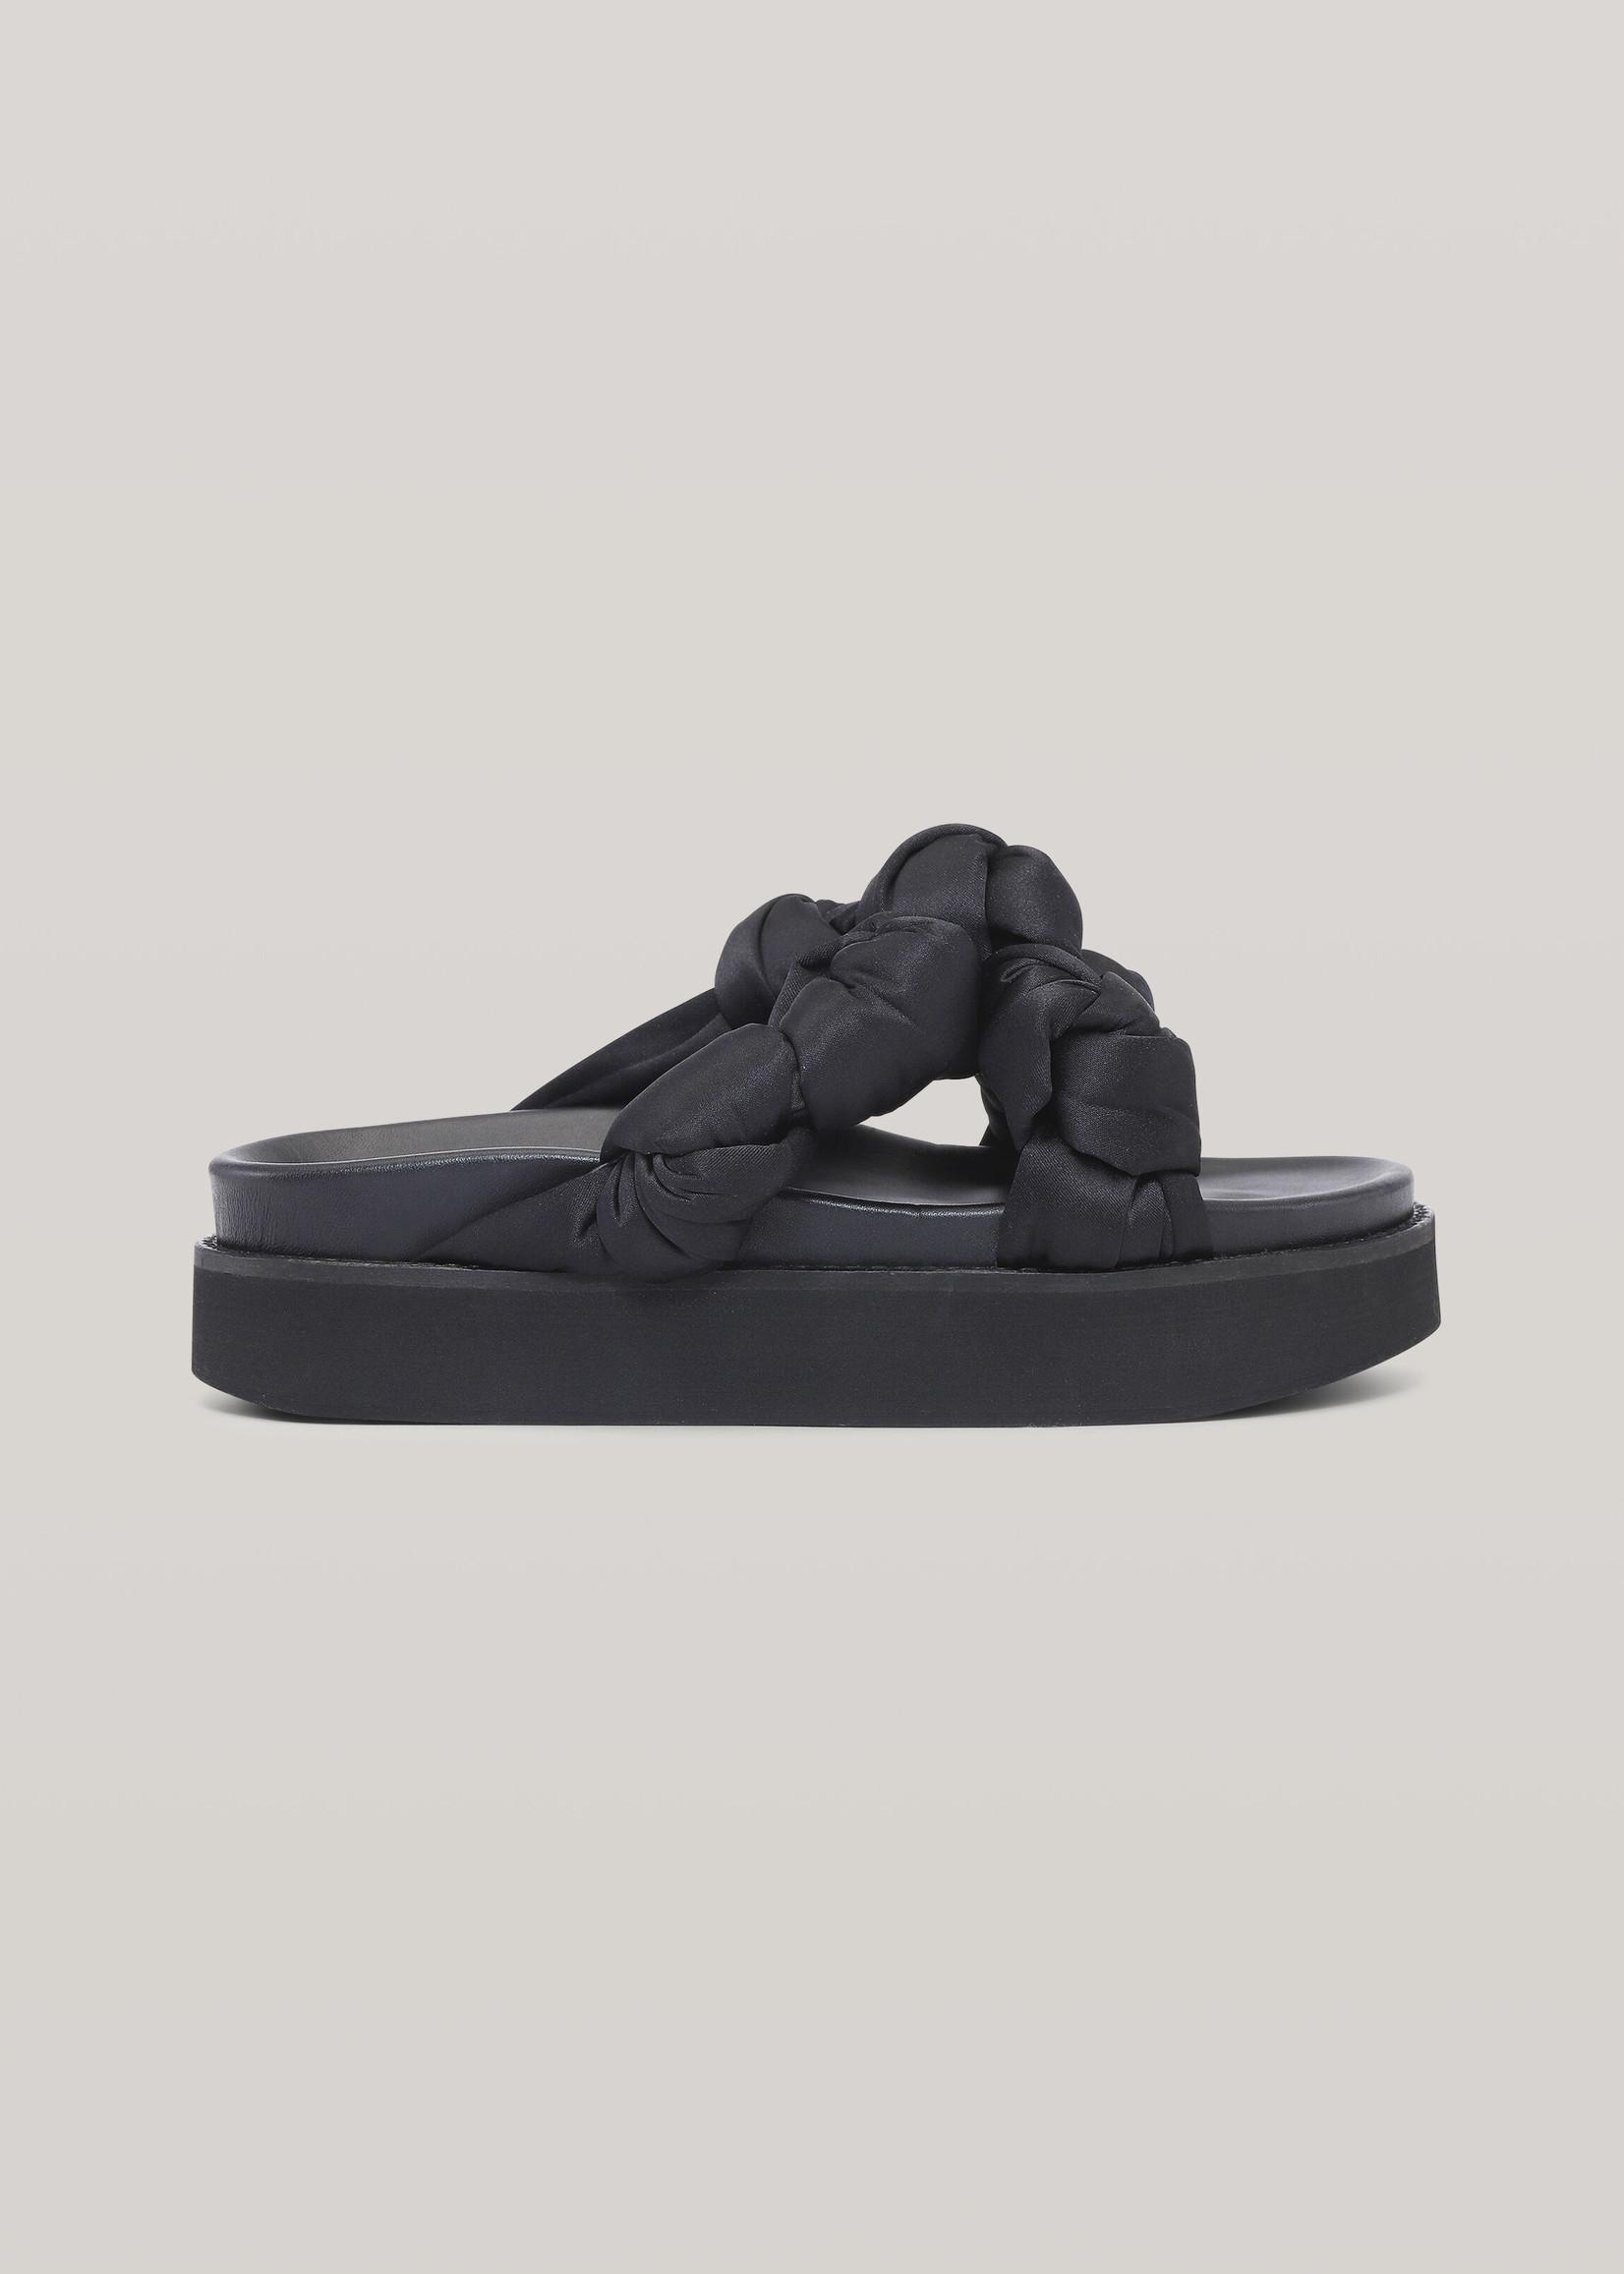 GANNI Knotted Platform Sandal in Black